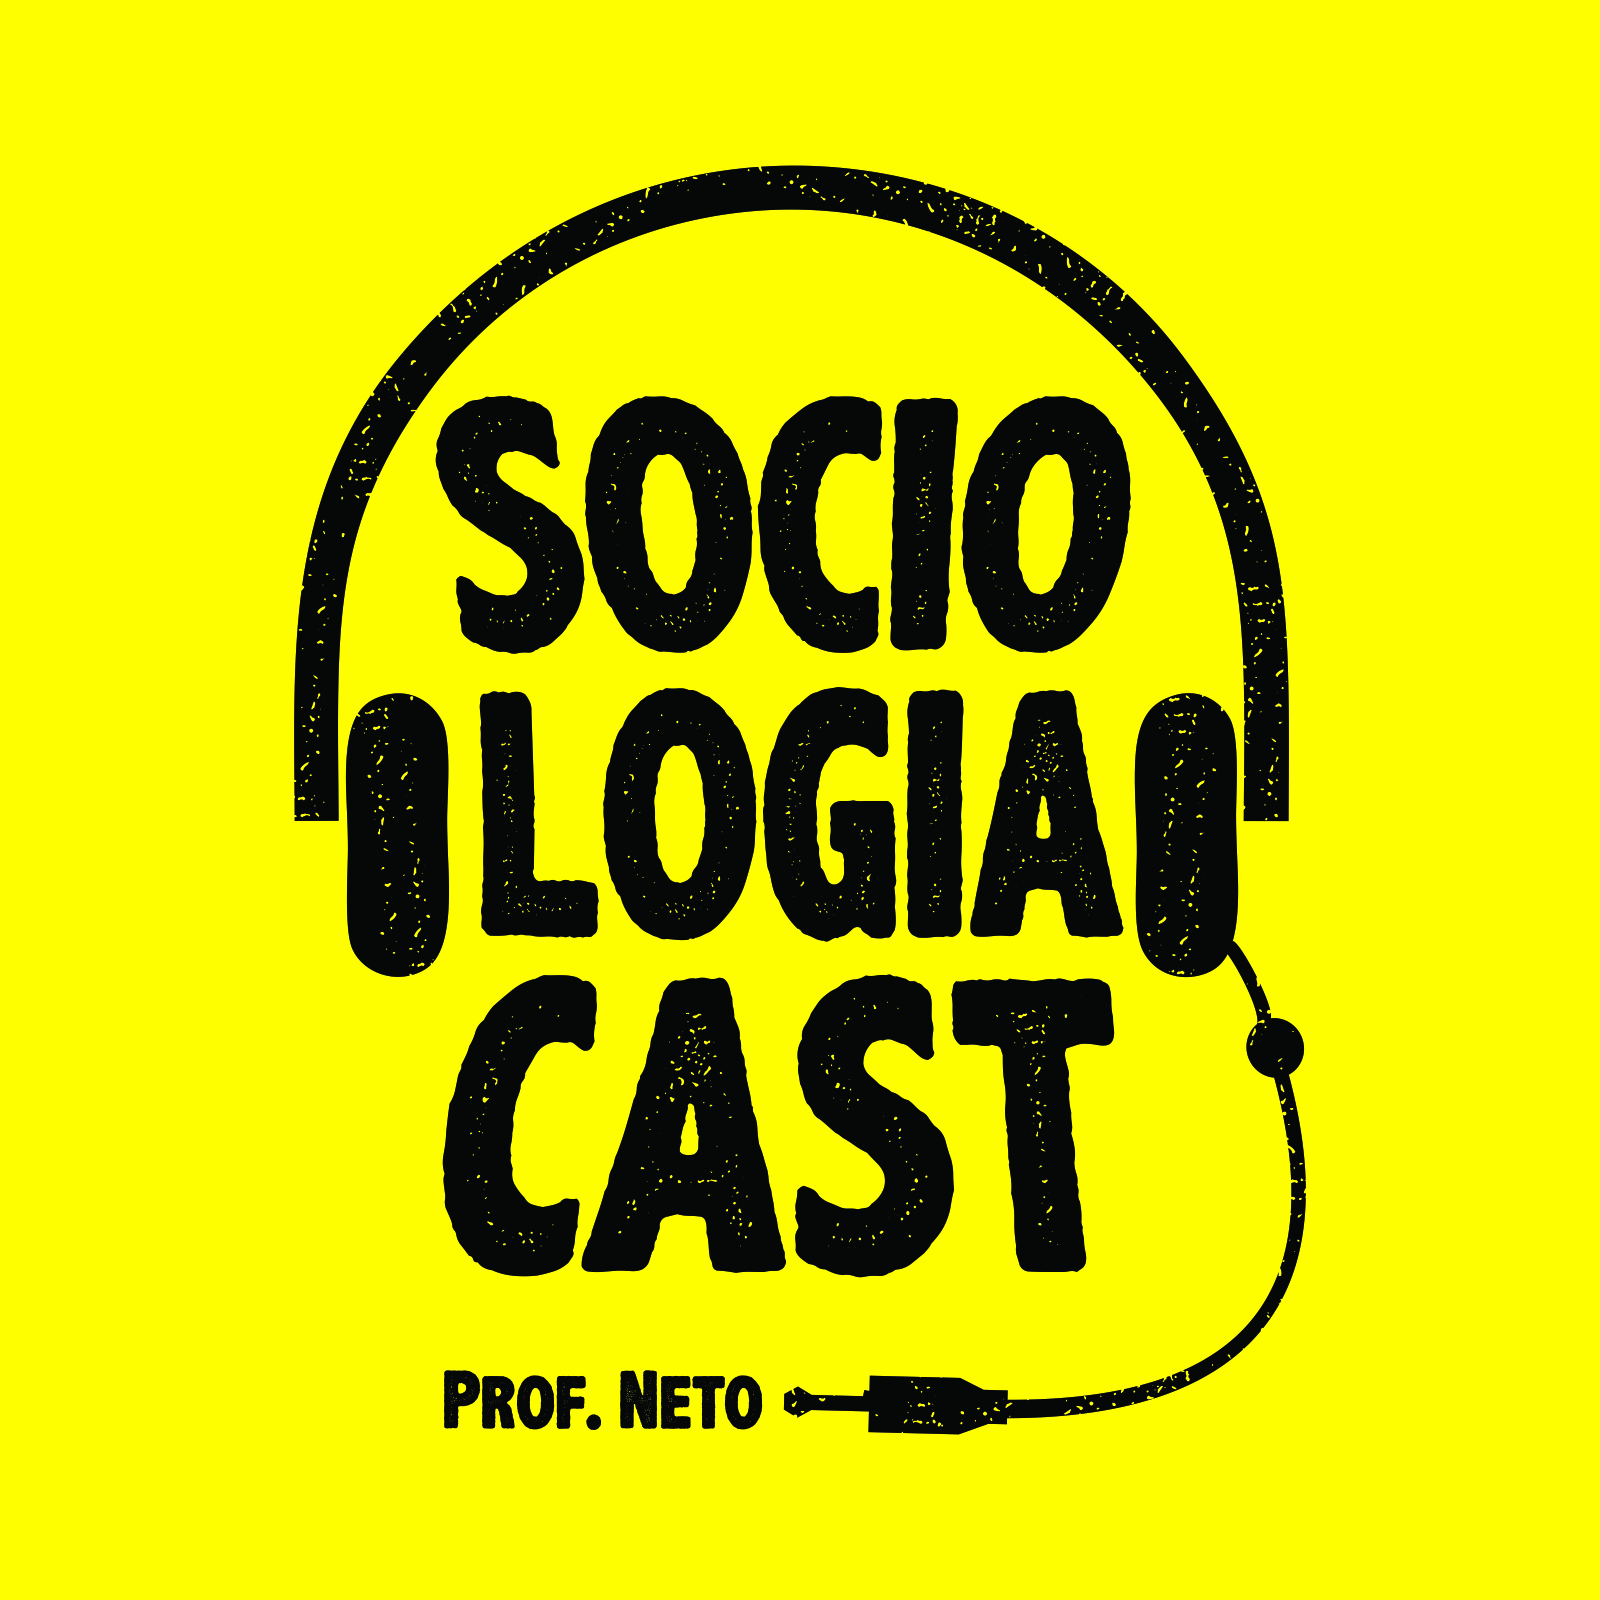 Sociologiacast fandeluxe Choice Image